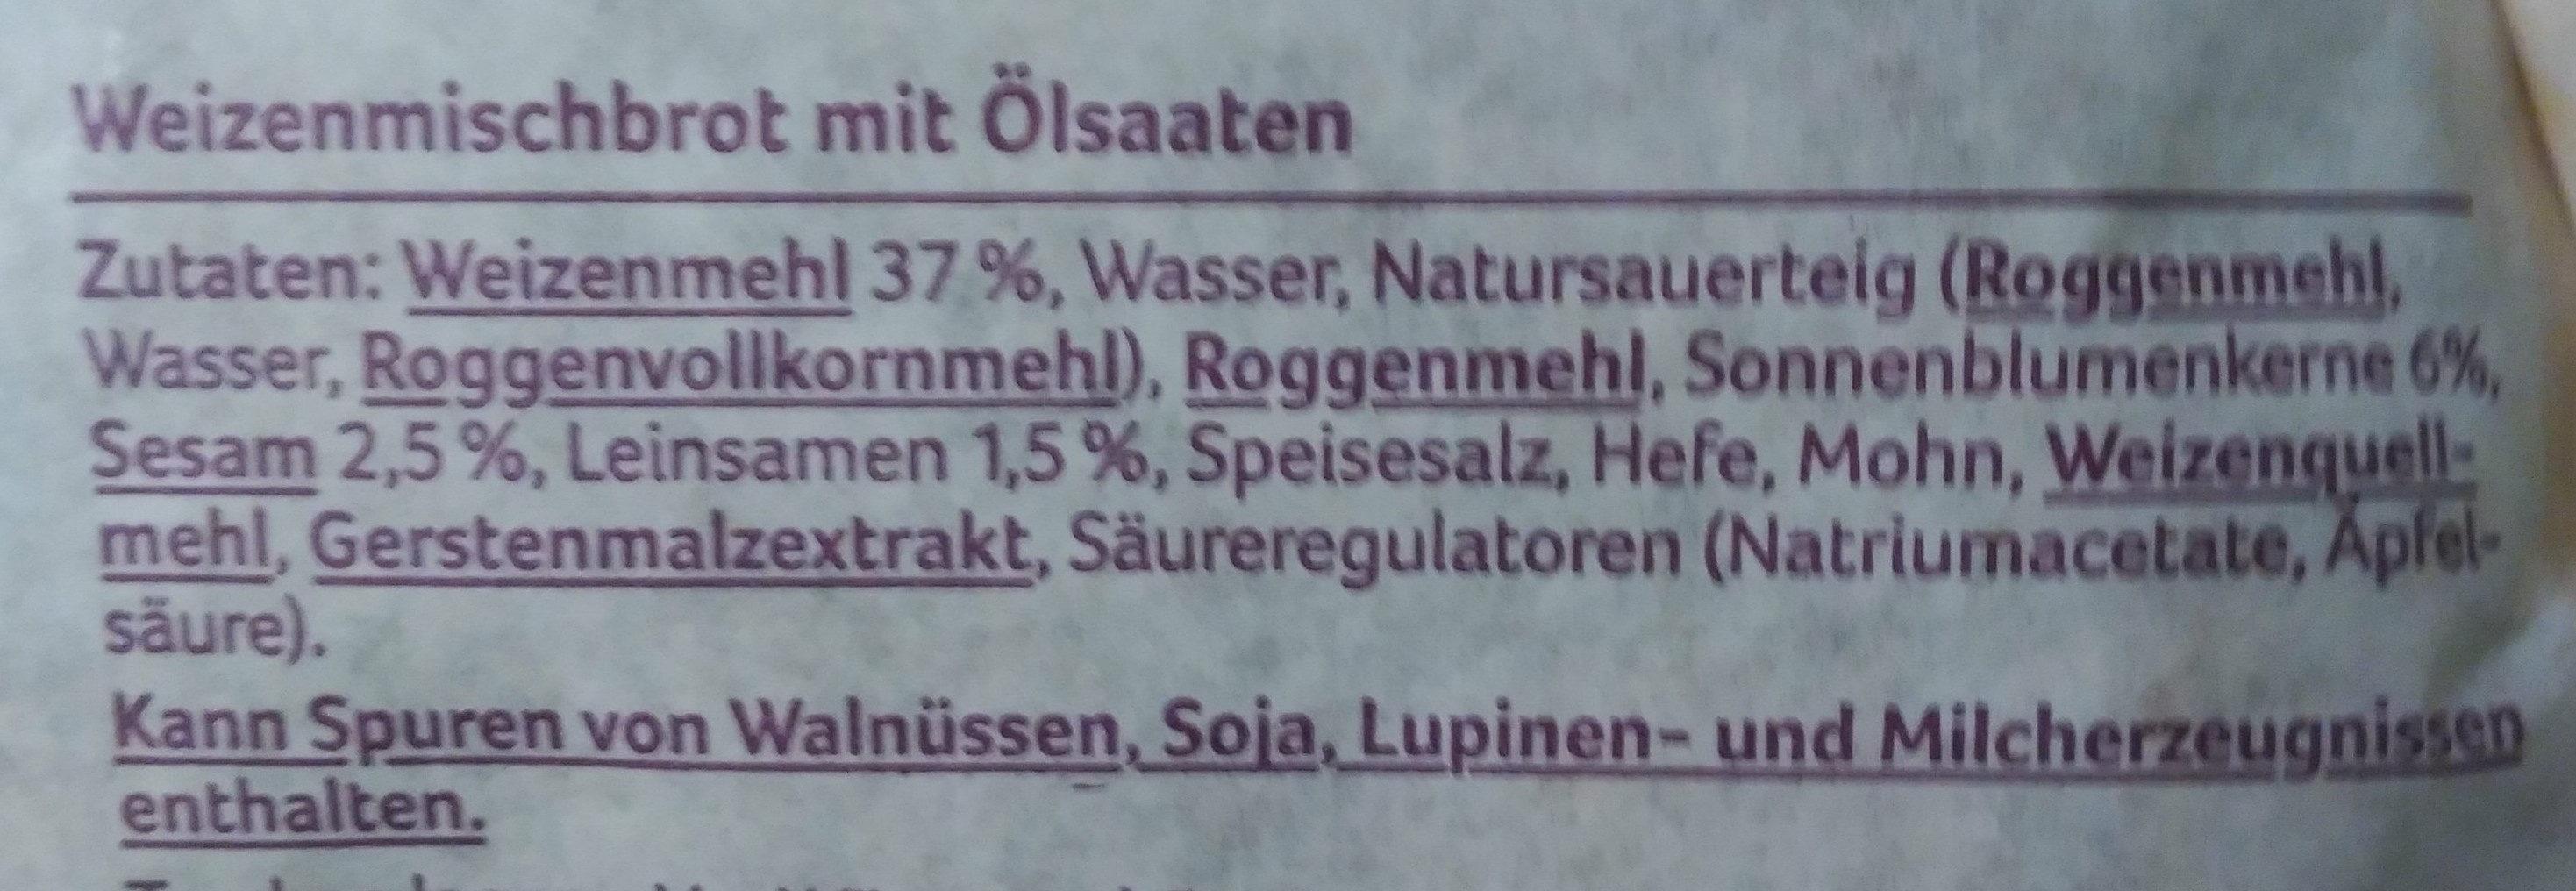 Weizenmischbrot mit Ölsaaten - Ingrediënten - de